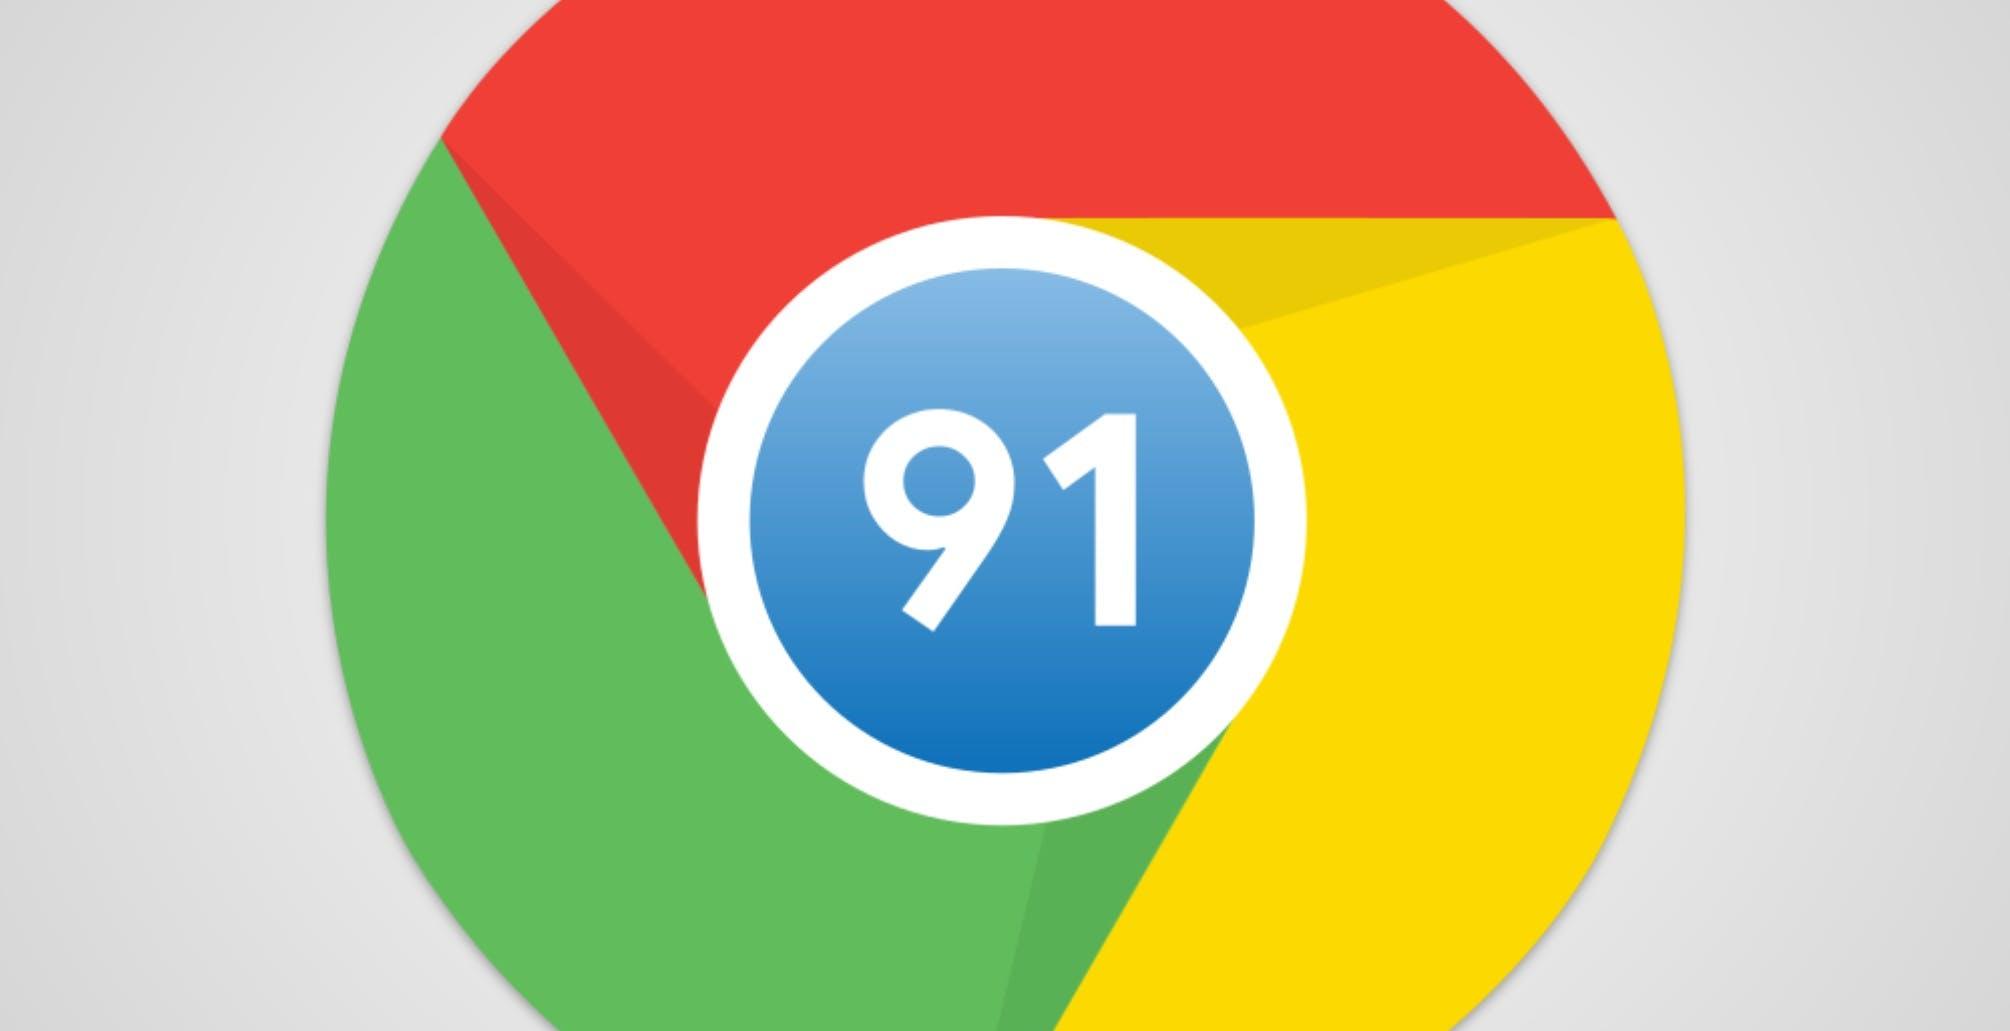 Chrome 91, Google promette prestazioni fino al 23% più veloci